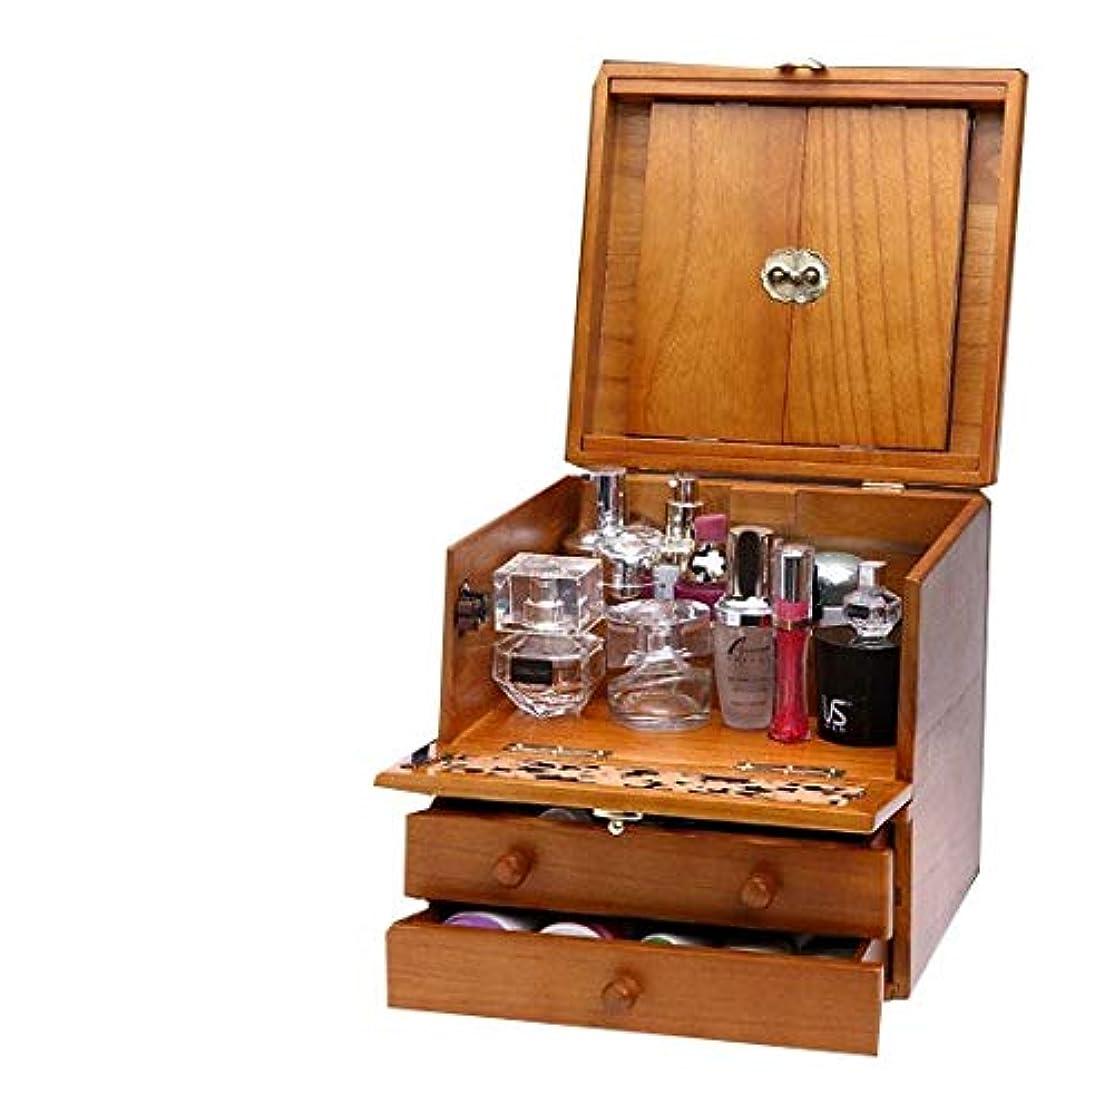 薬理学ペグなしで化粧箱、3層レトロ木製彫刻化粧ケース付きミラー、ハイエンドのウェディングギフト、新築祝いのギフト、美容ネイルジュエリー収納ボックス